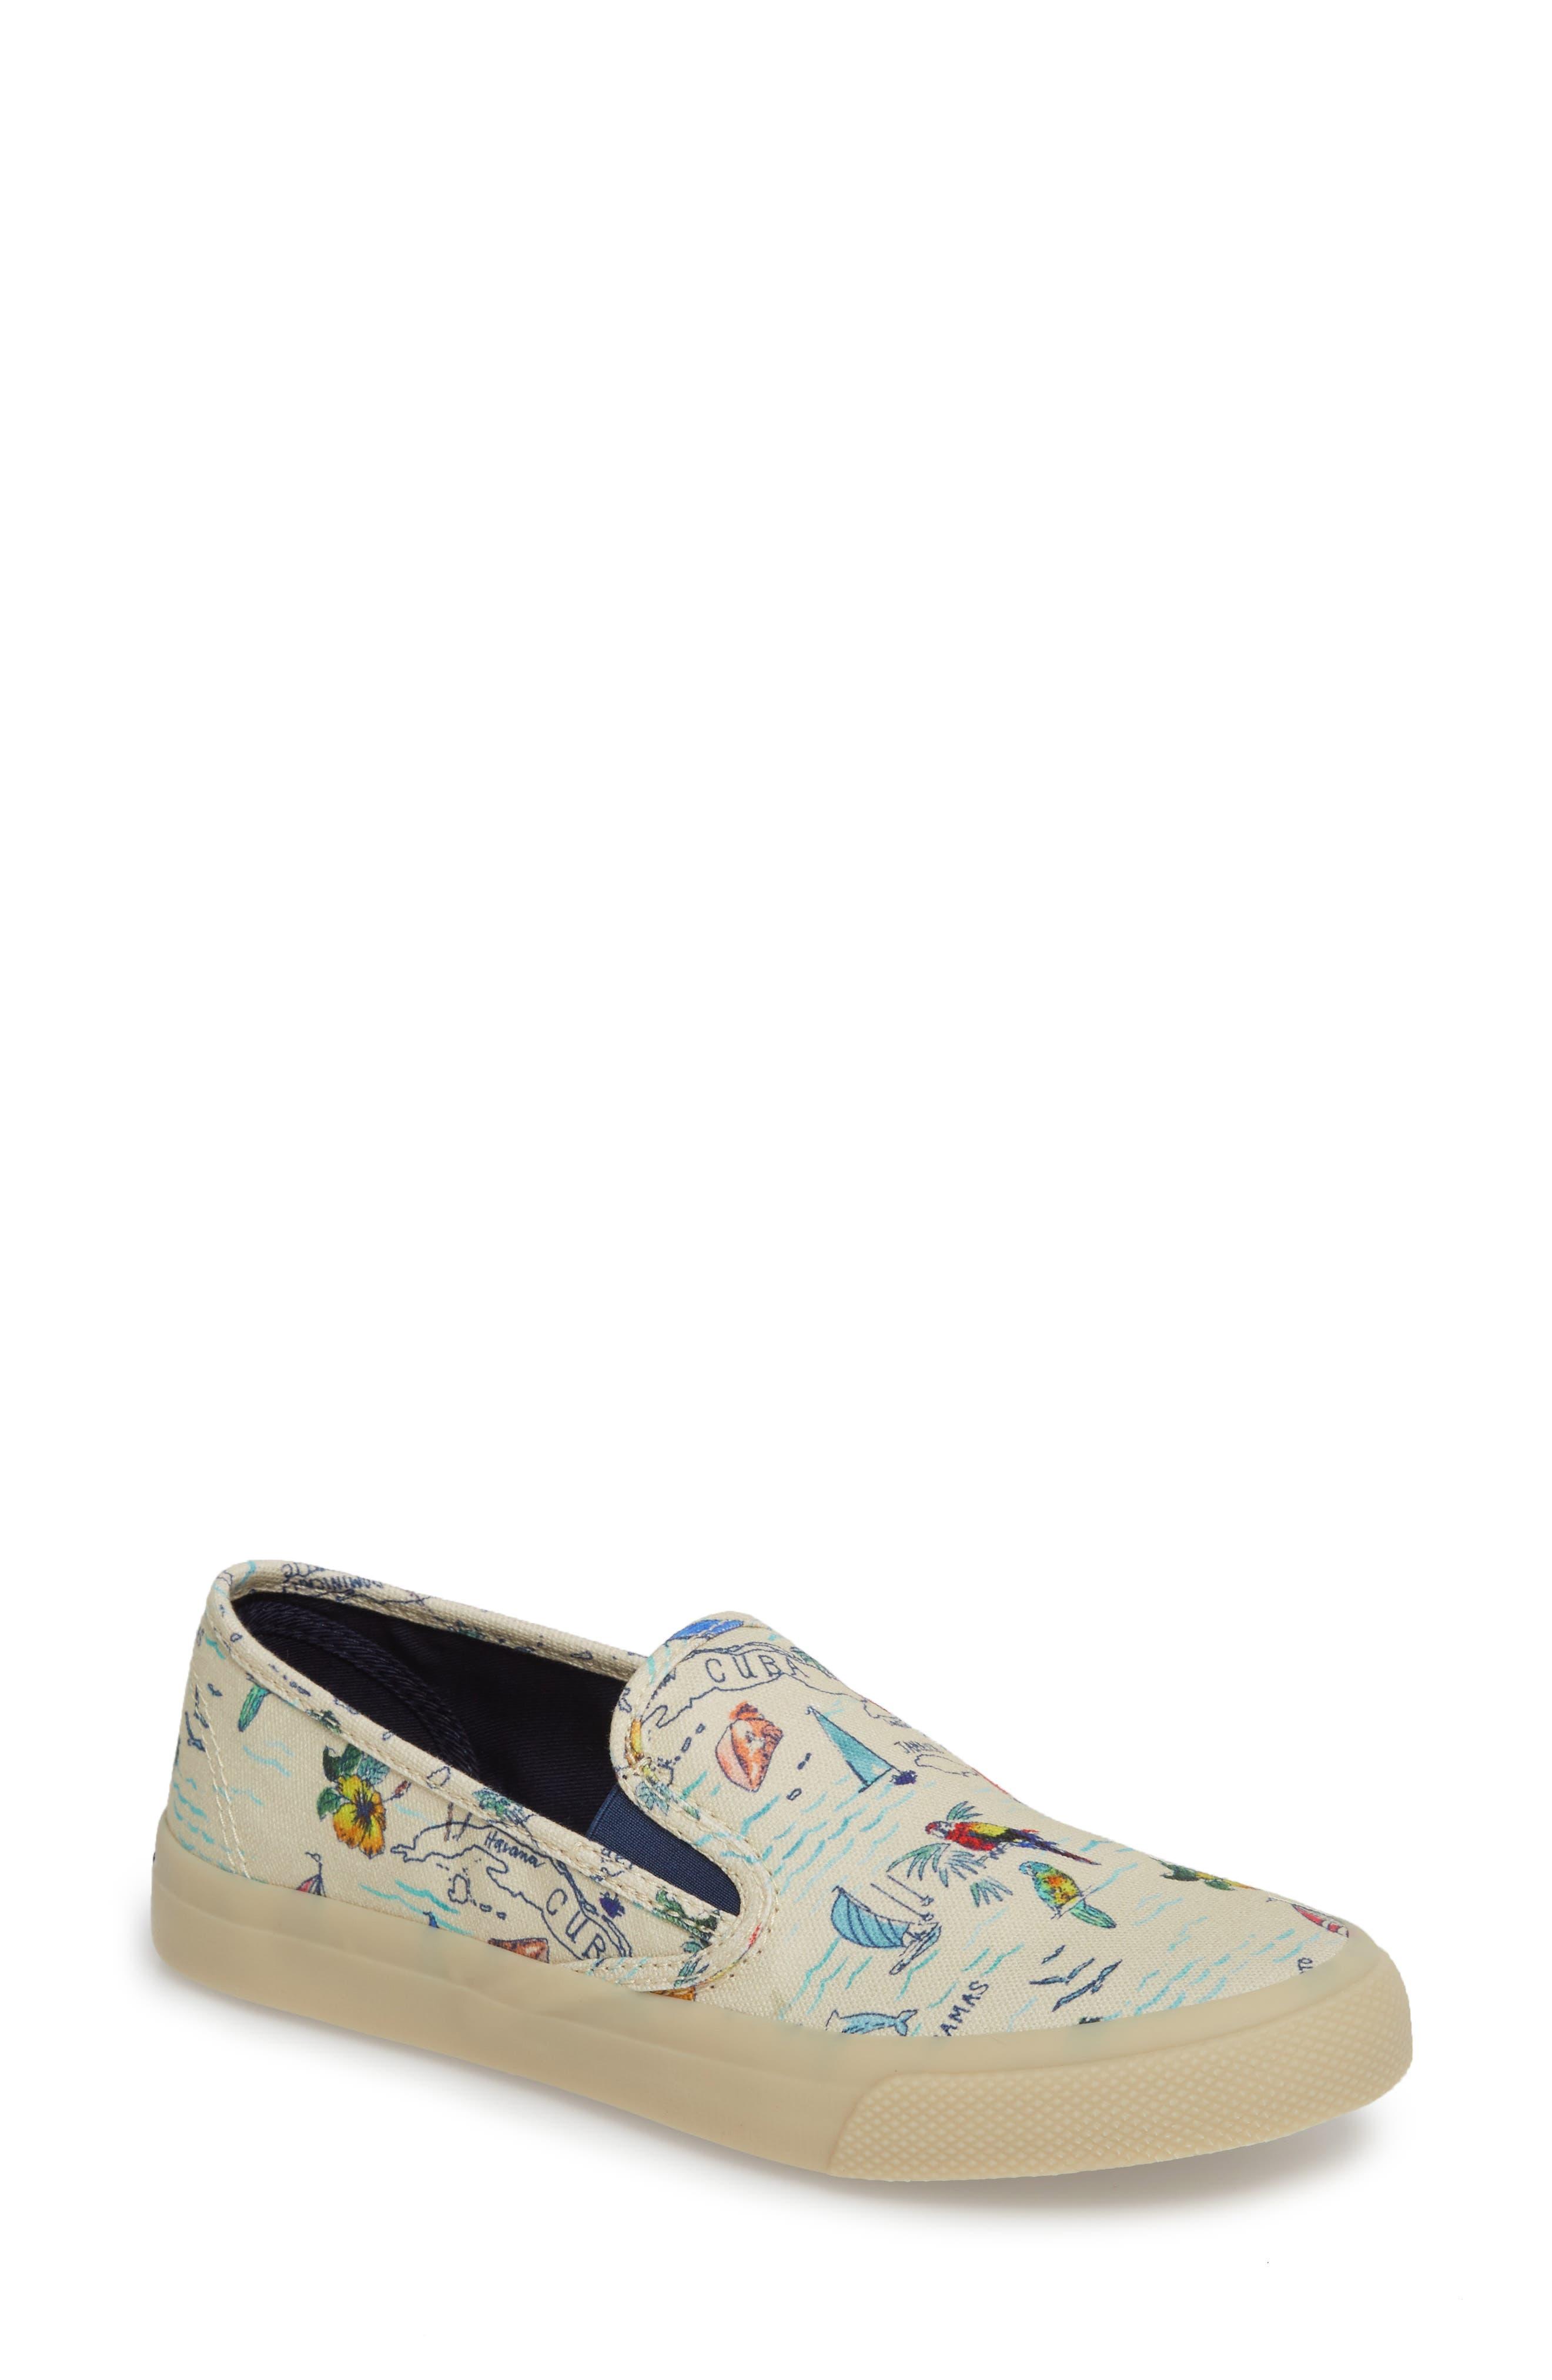 Seaside Slip-On Sneaker,                         Main,                         color, 101